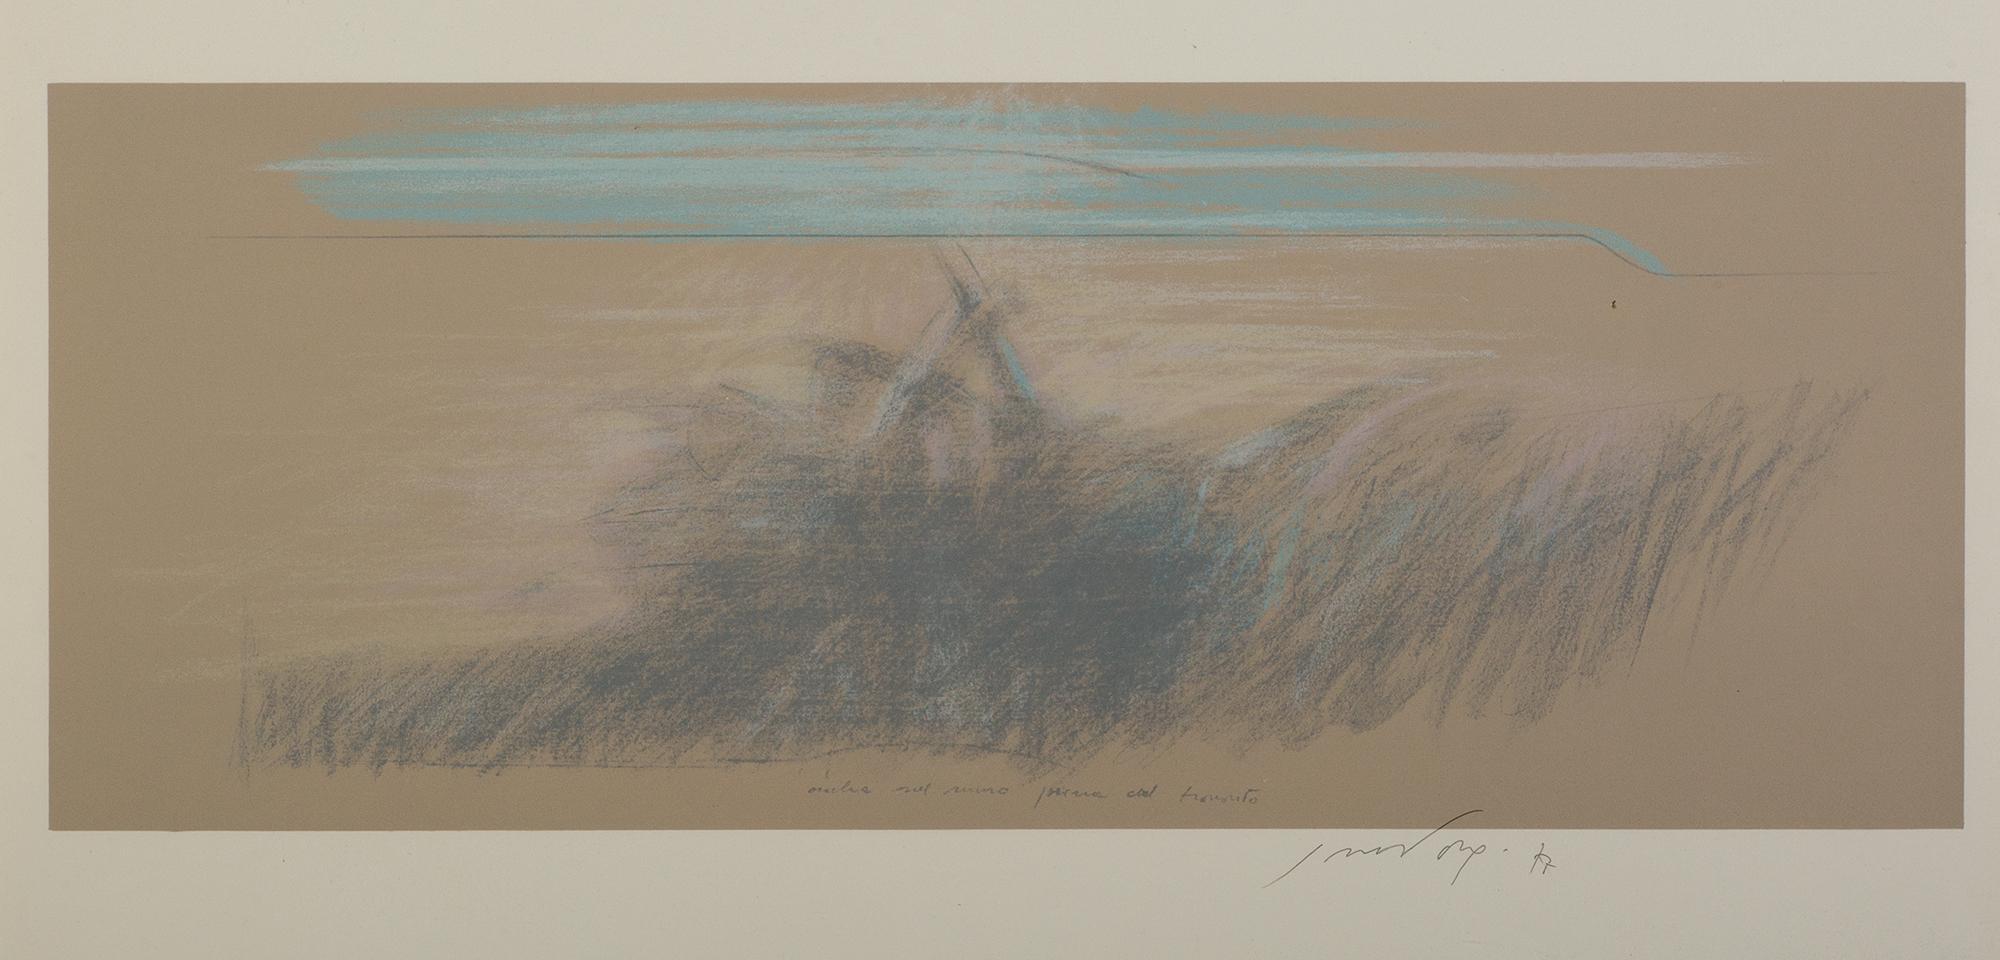 Ombra sul muro prima del tramonto, 1977